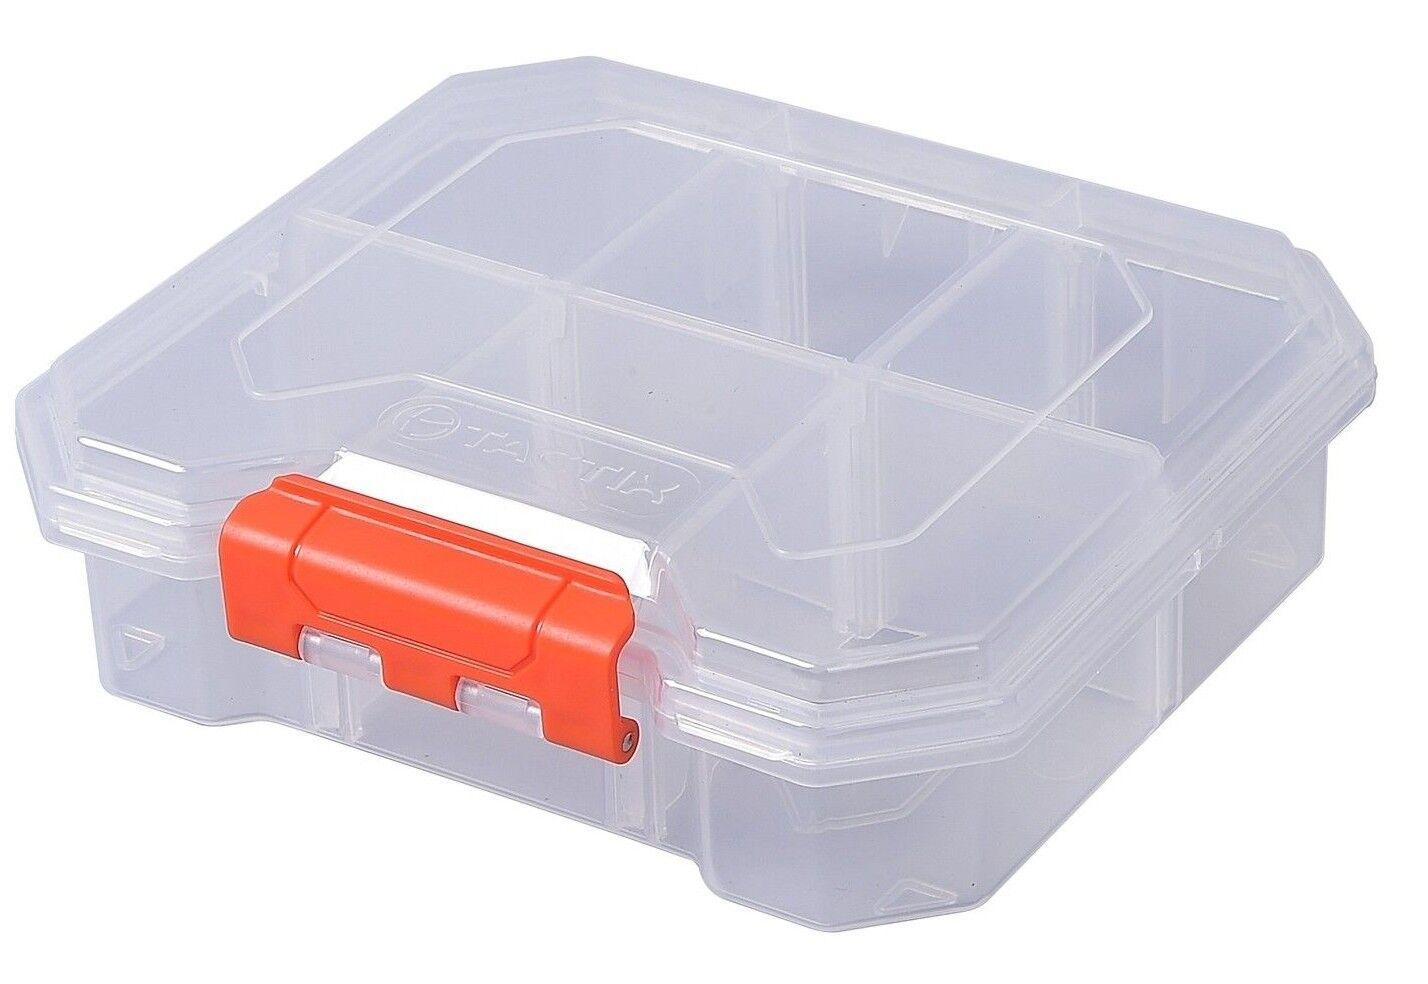 4x Tactix 6-COMPARTMENT STORAGE BOX 165x52x180mm Removable Removable Removable Dividers TRANSPARENT 70553c